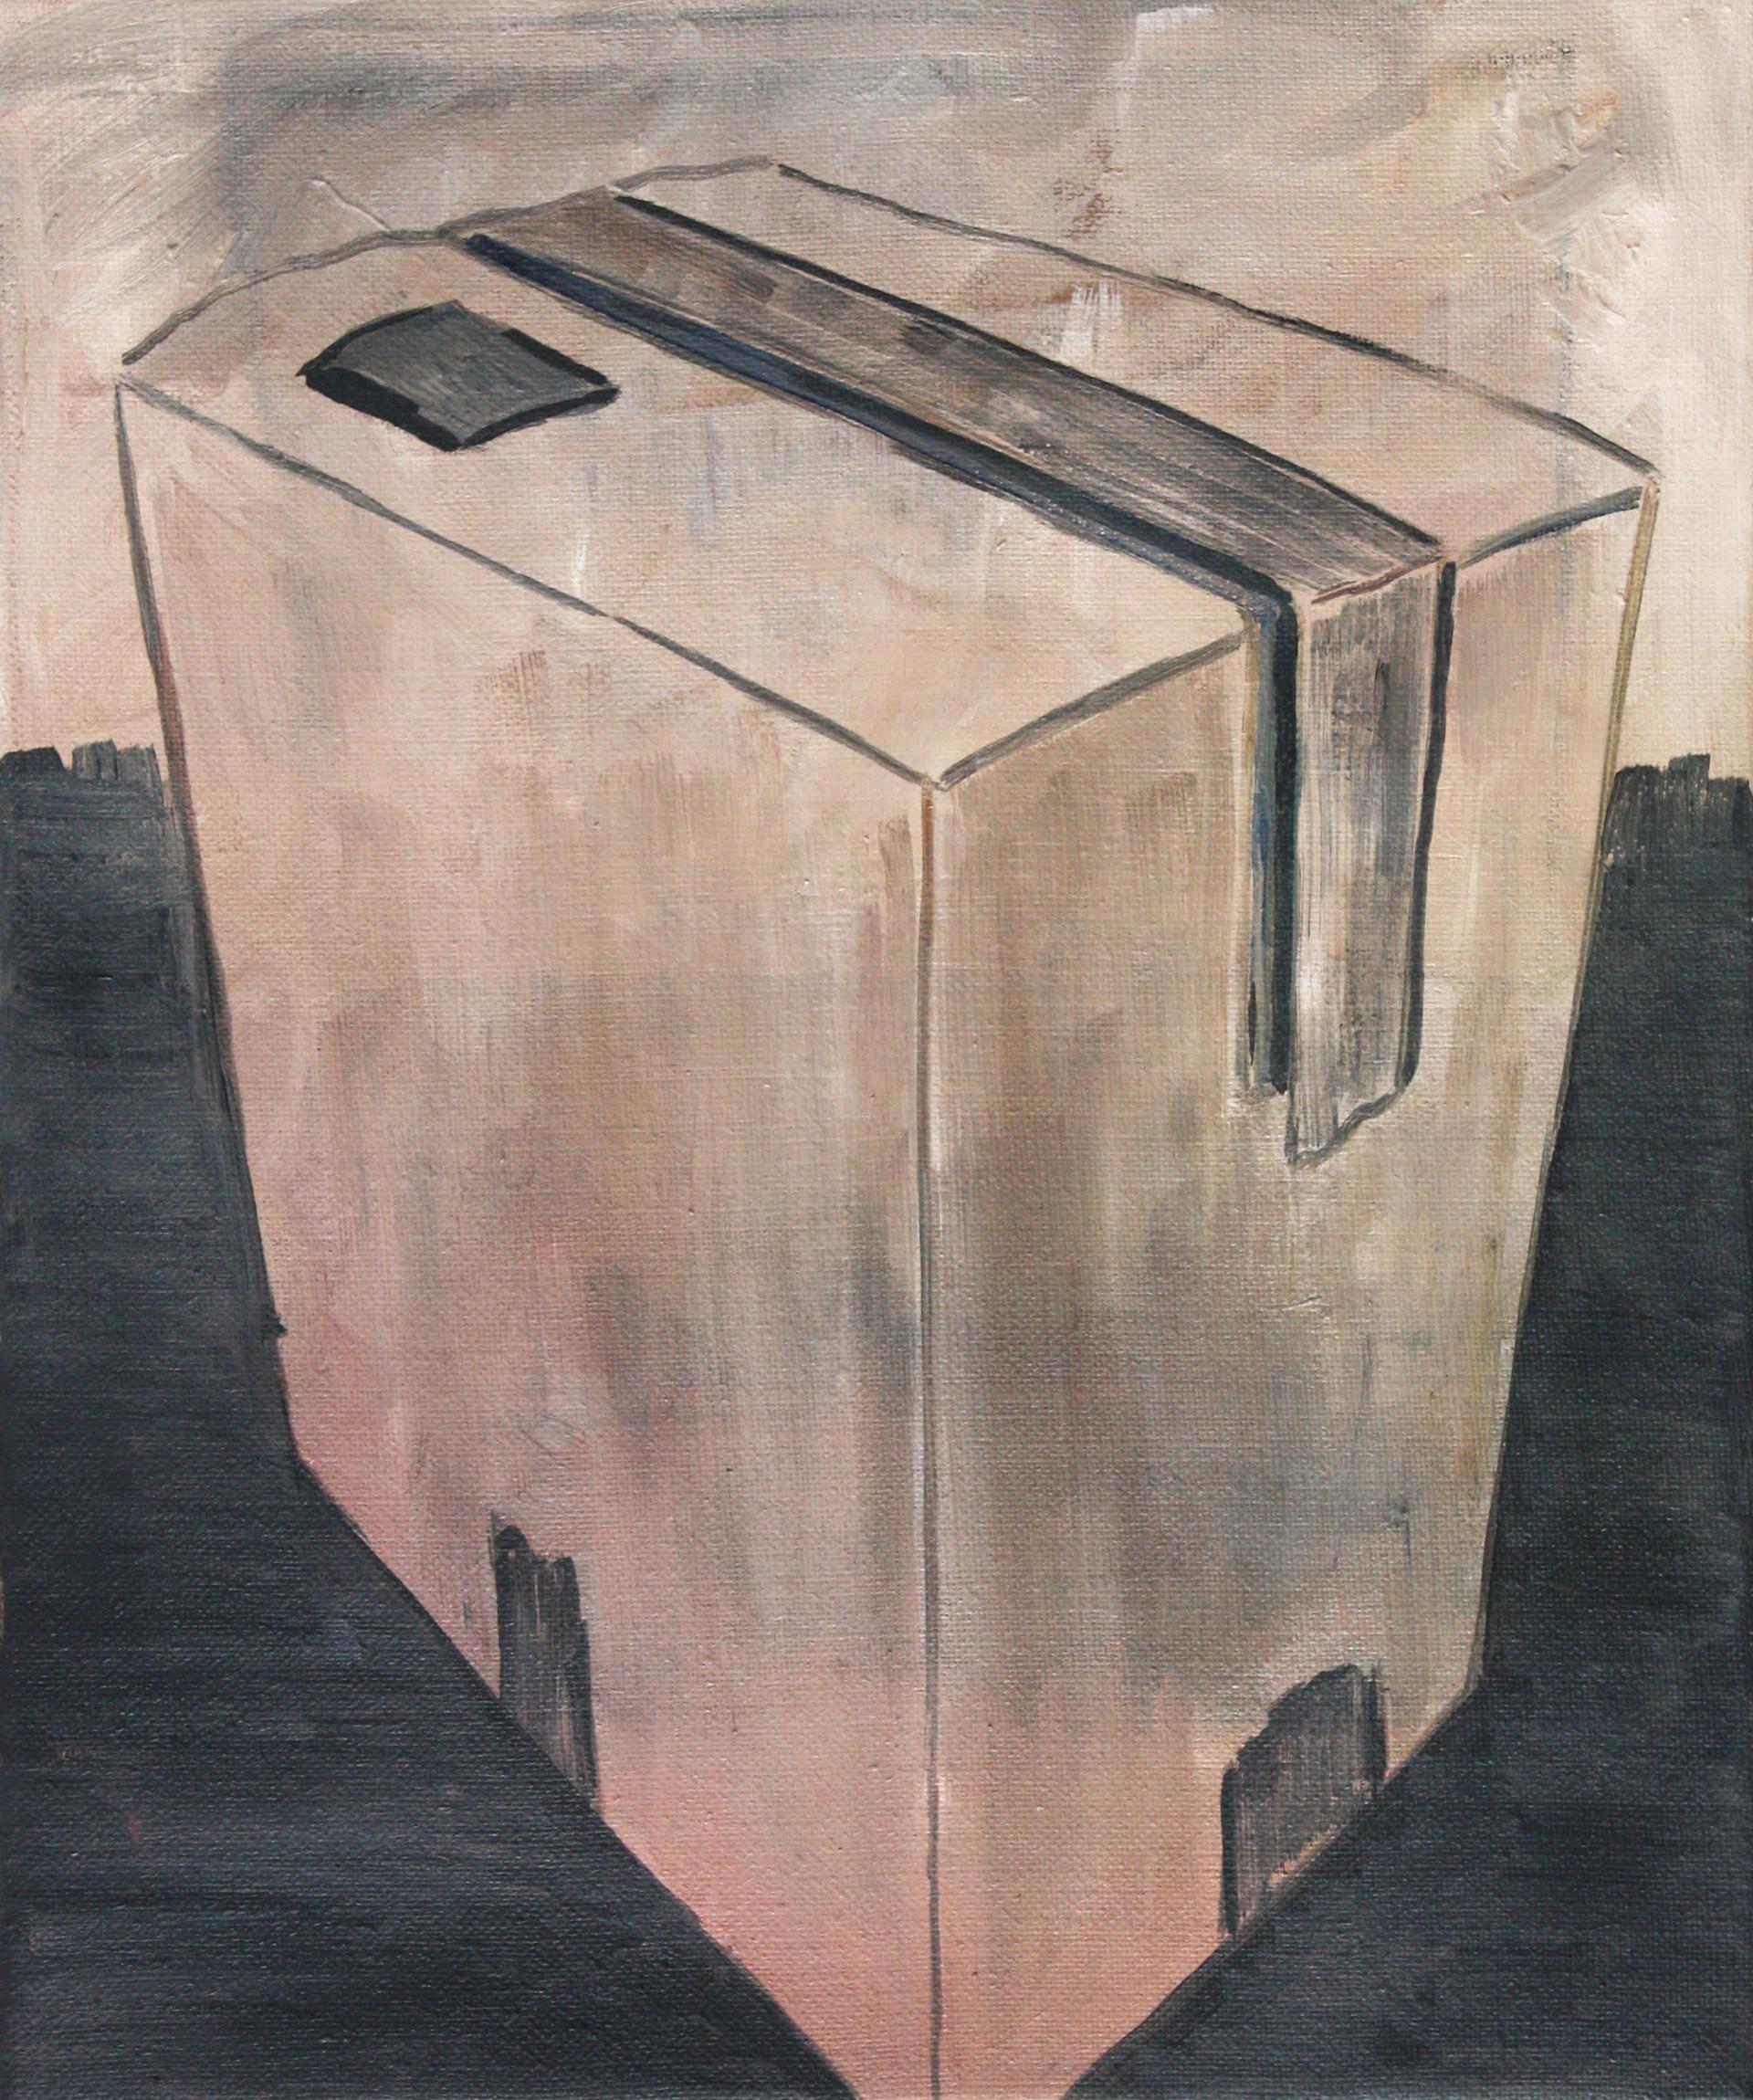 schachtel #8 - 2011 - öl auf leinwand - 35 x 28 cm